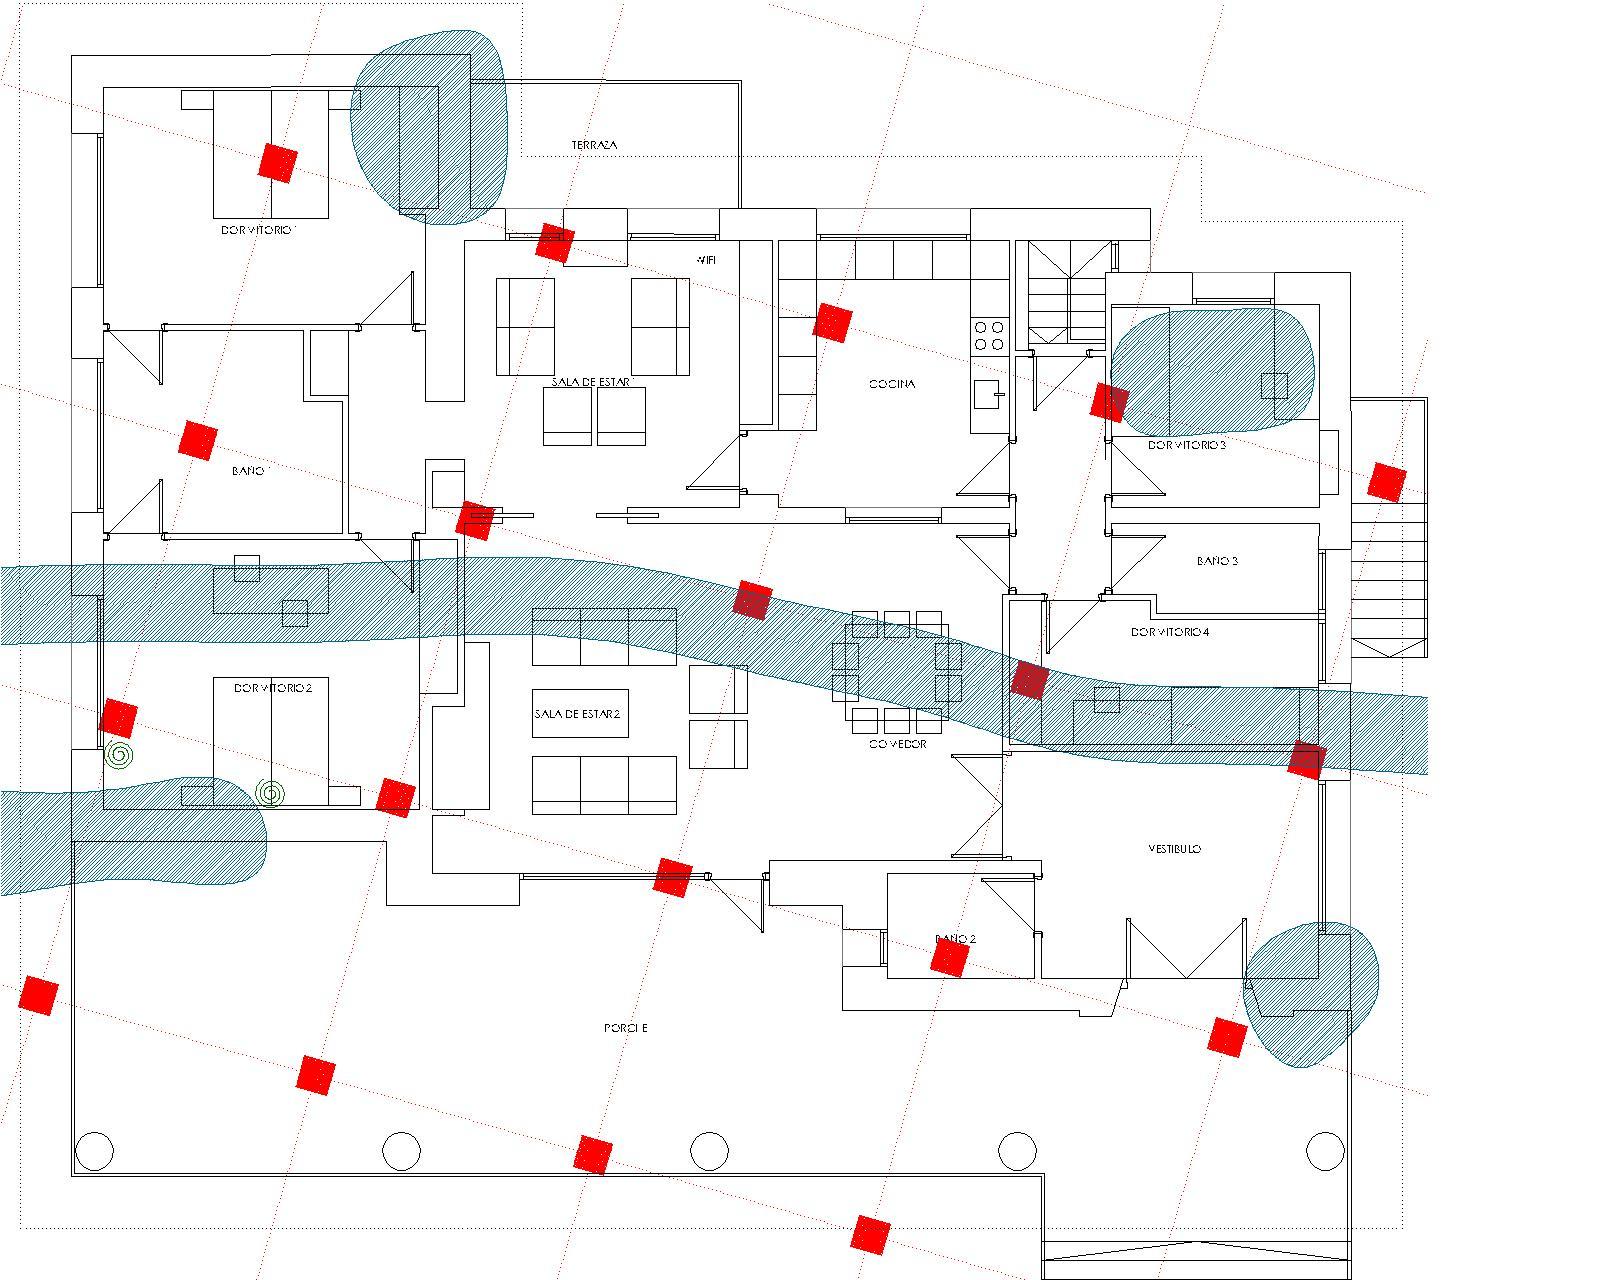 Geobiologia Estado actual_ Glaria Estudio Arquitectura